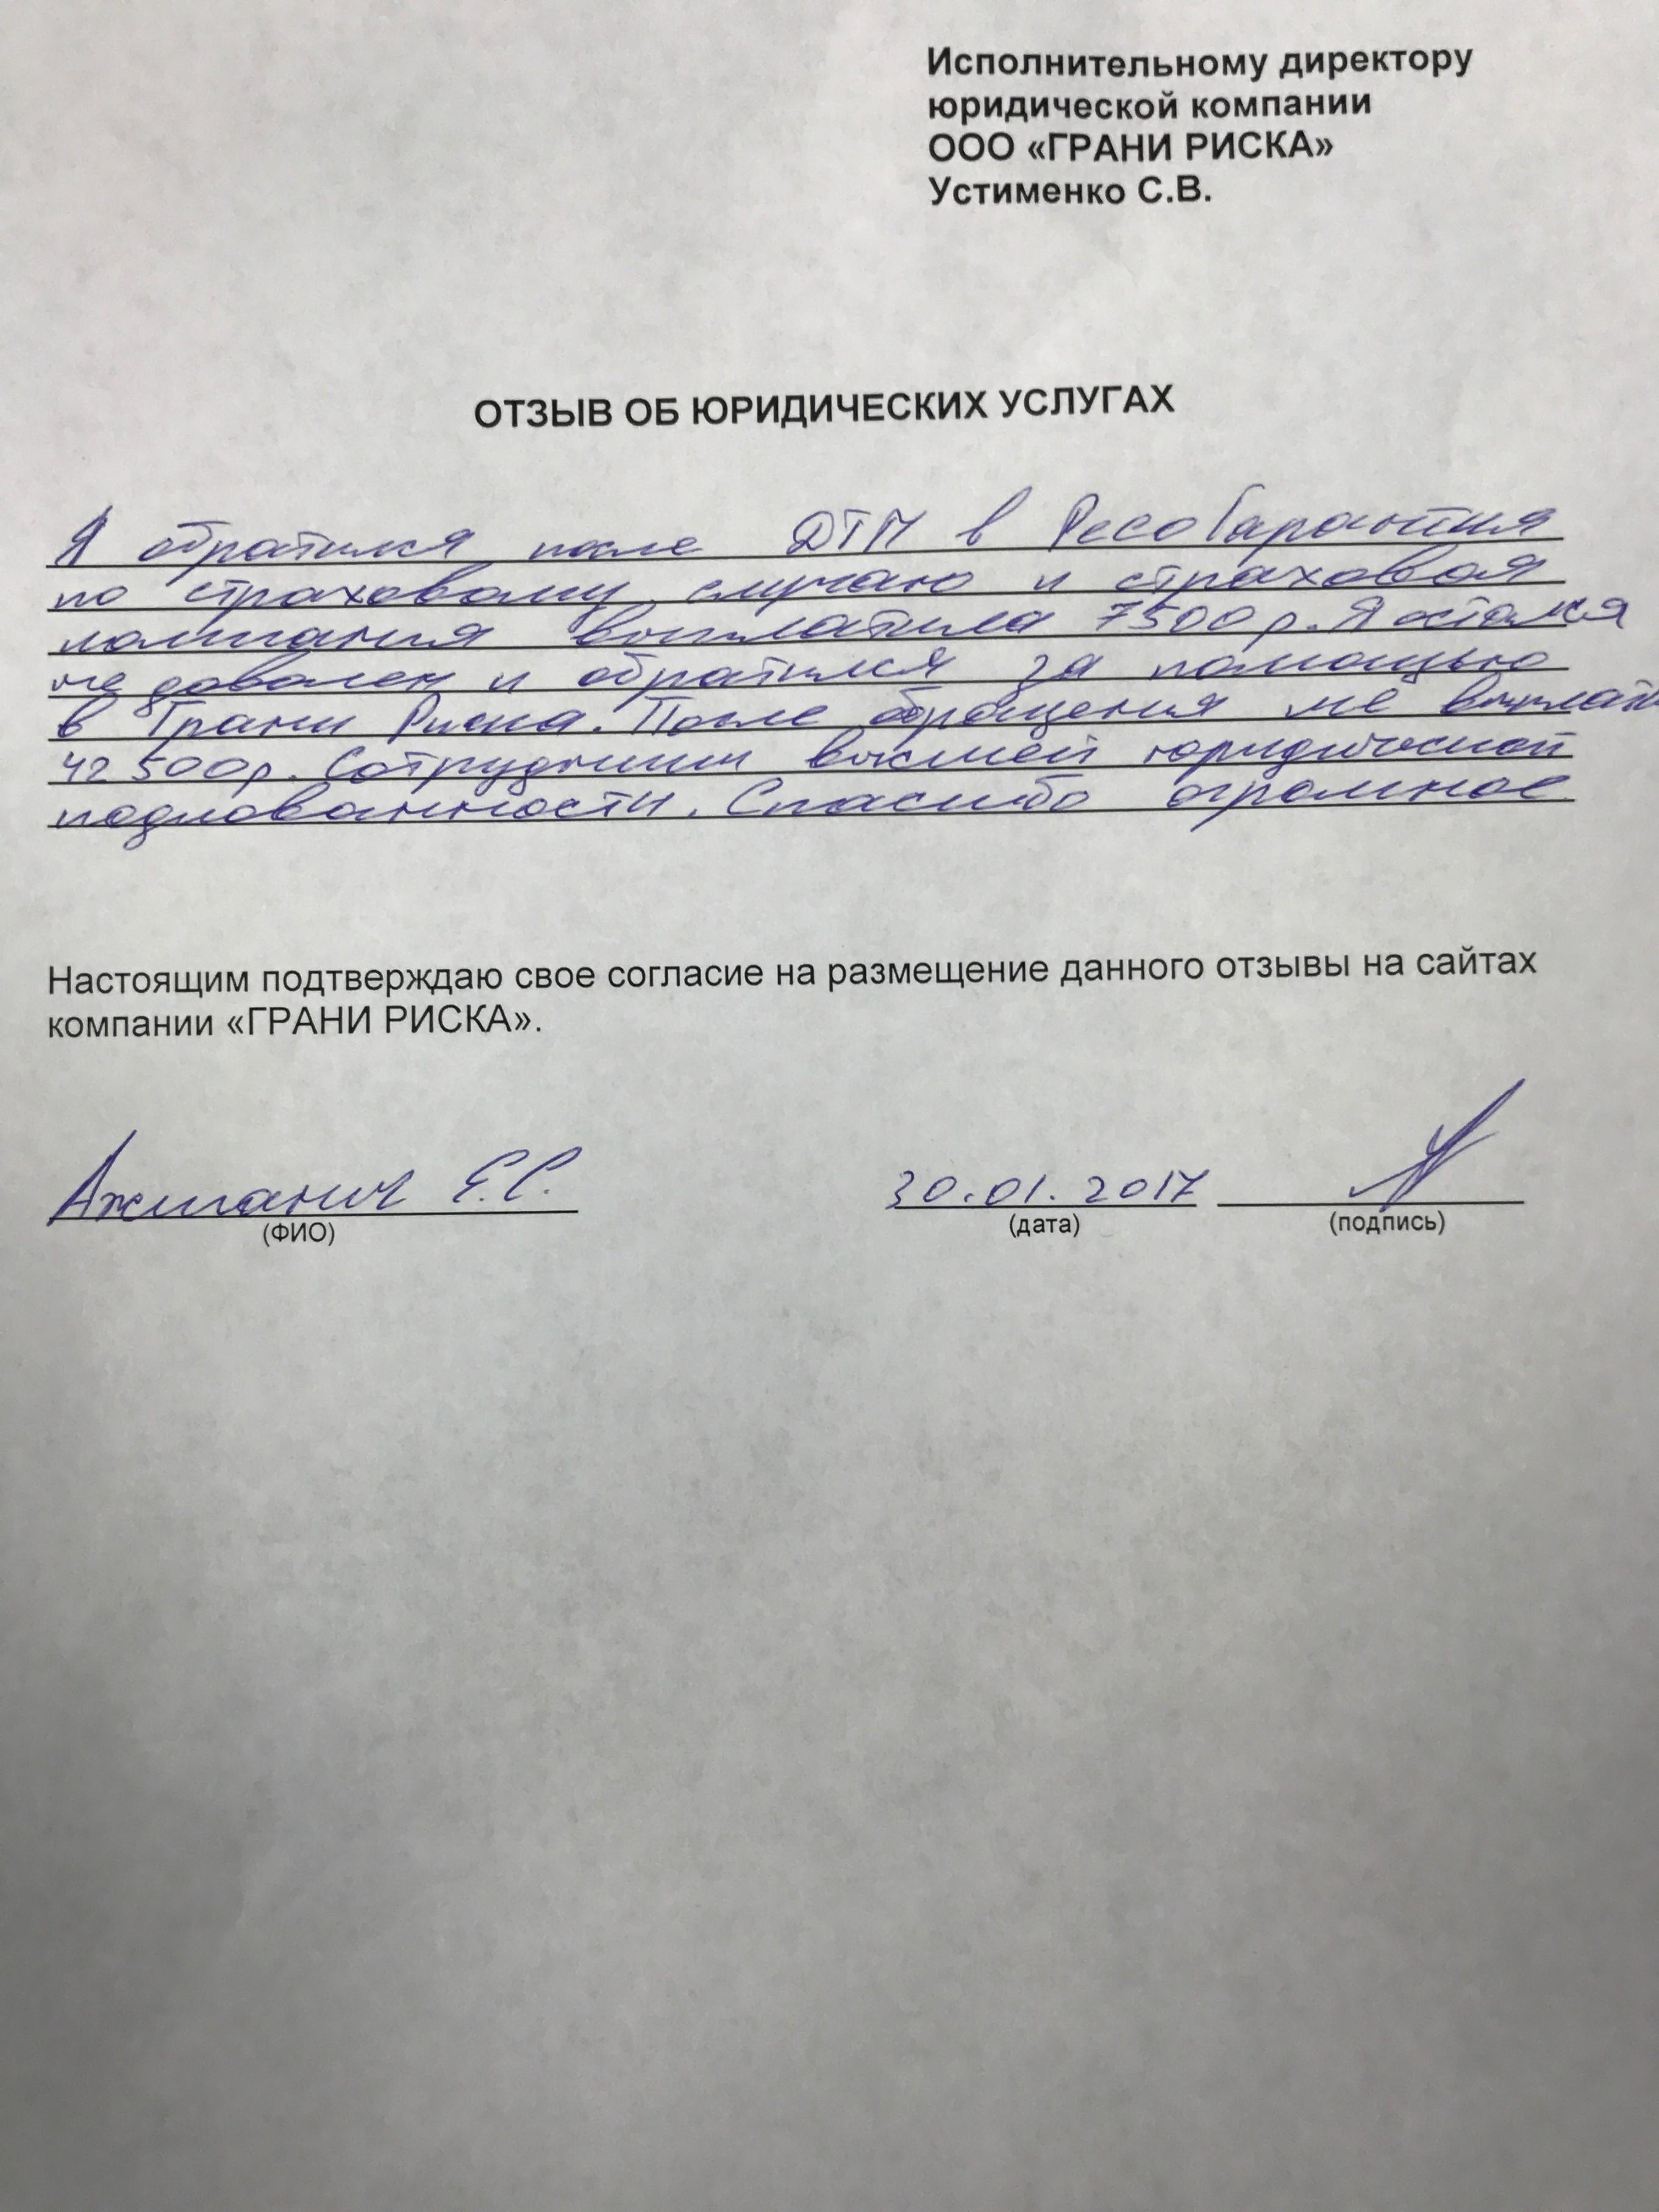 Отзыв Ажиганича Е. С.